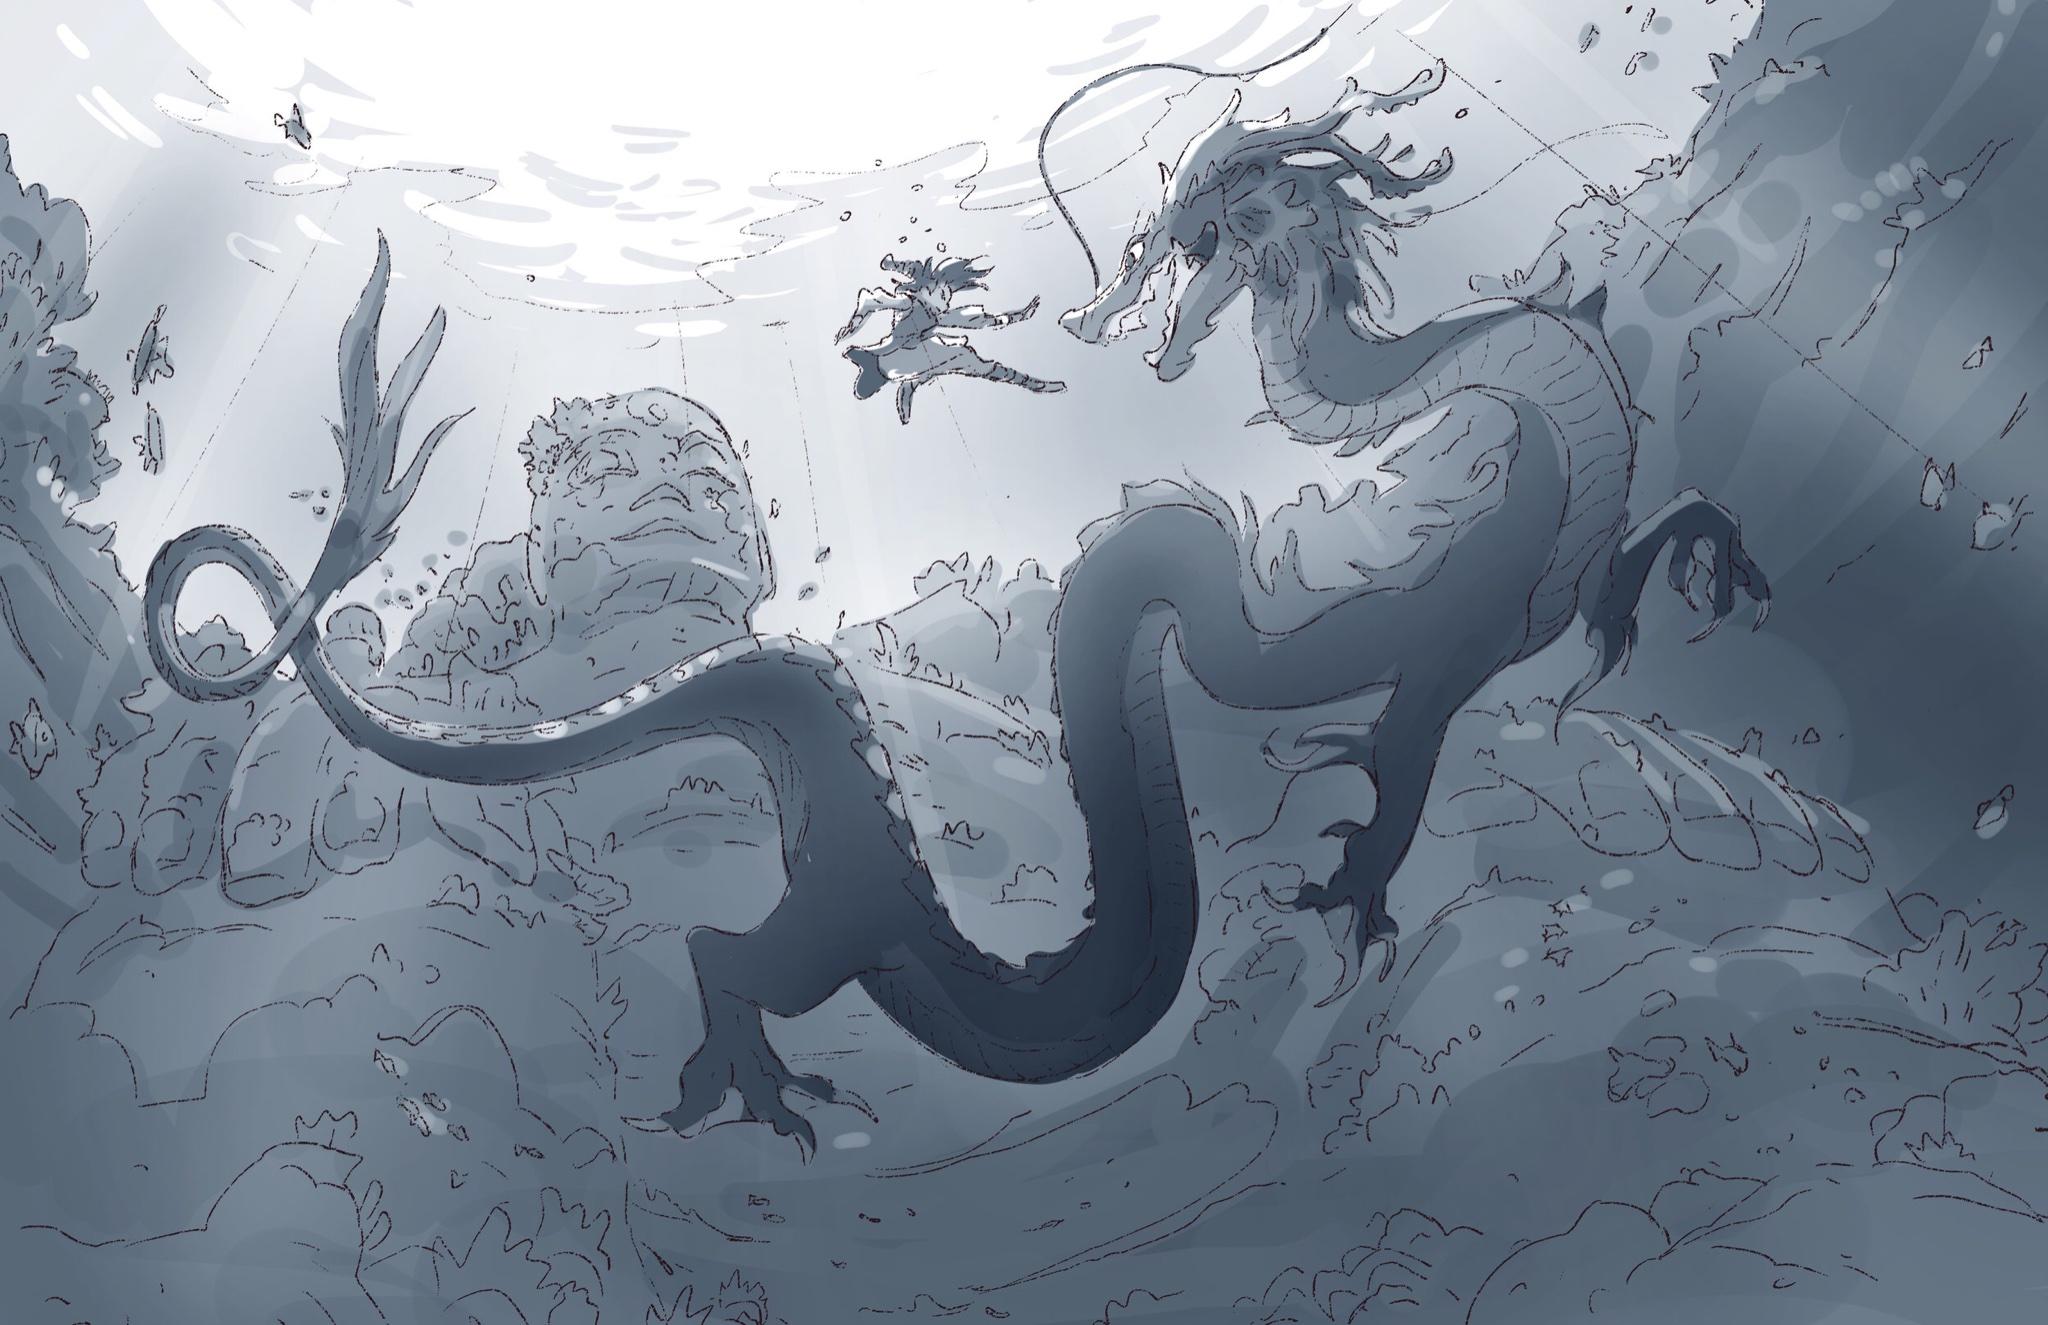 Raya et le Dernier Dragon [Walt Disney - 2021] - Page 23 E3FYuU-XMAEvfHQ?format=jpg&name=large